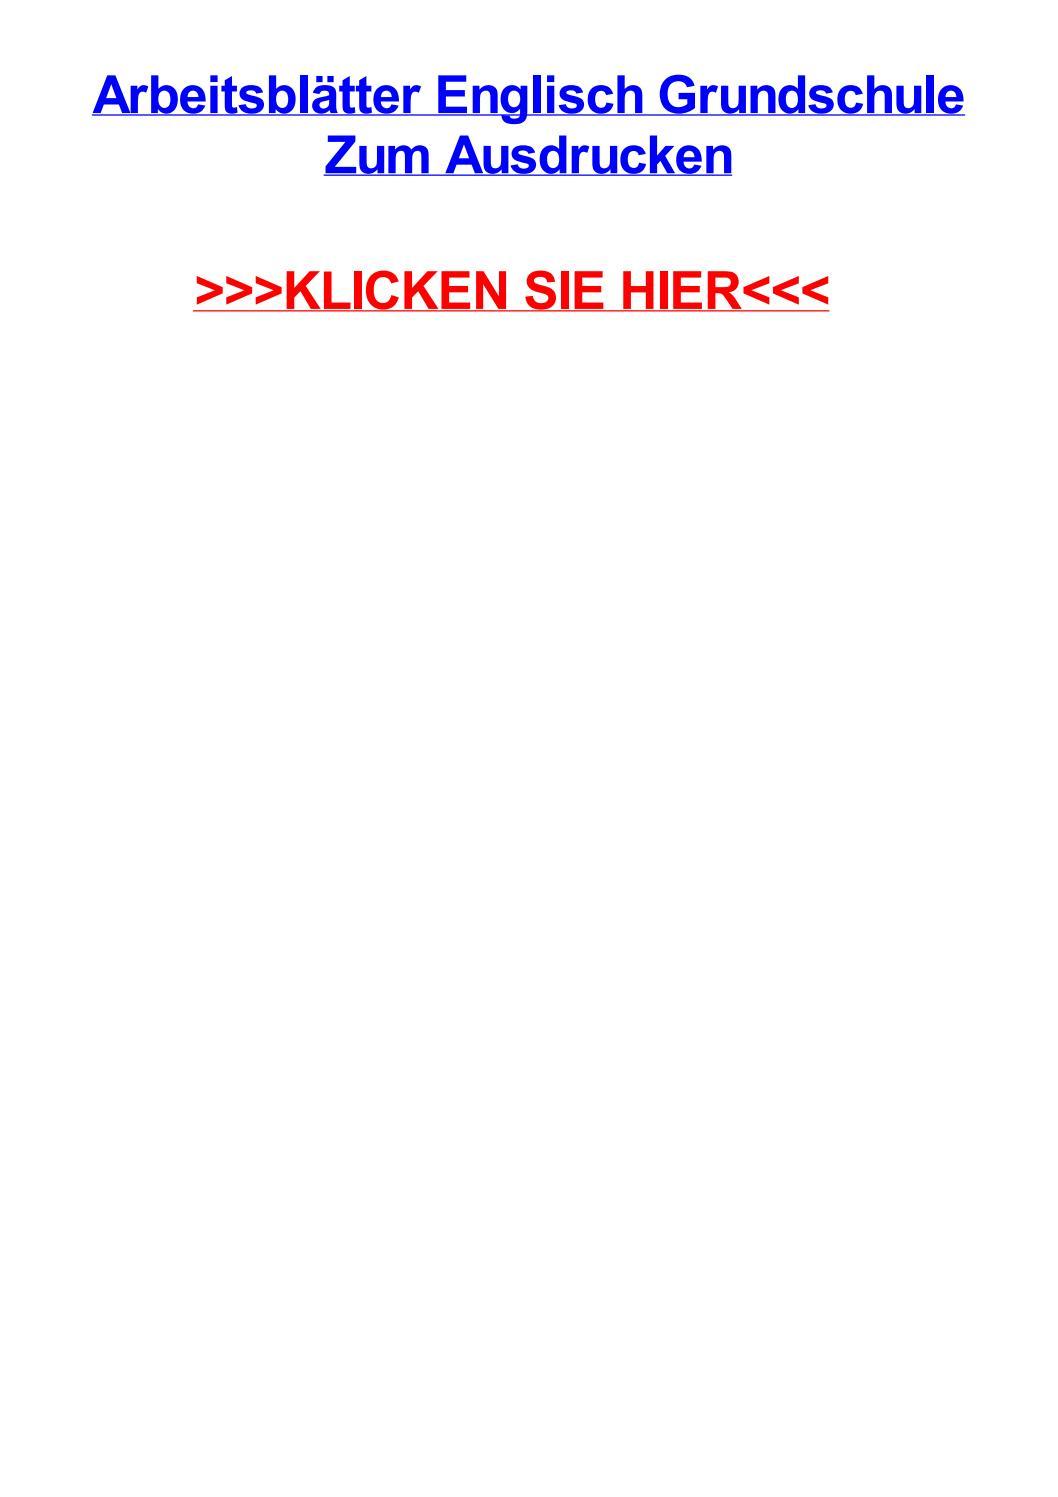 Arbeitsbltter englisch grundschule zum ausdrucken by amyxdjuv - issuu